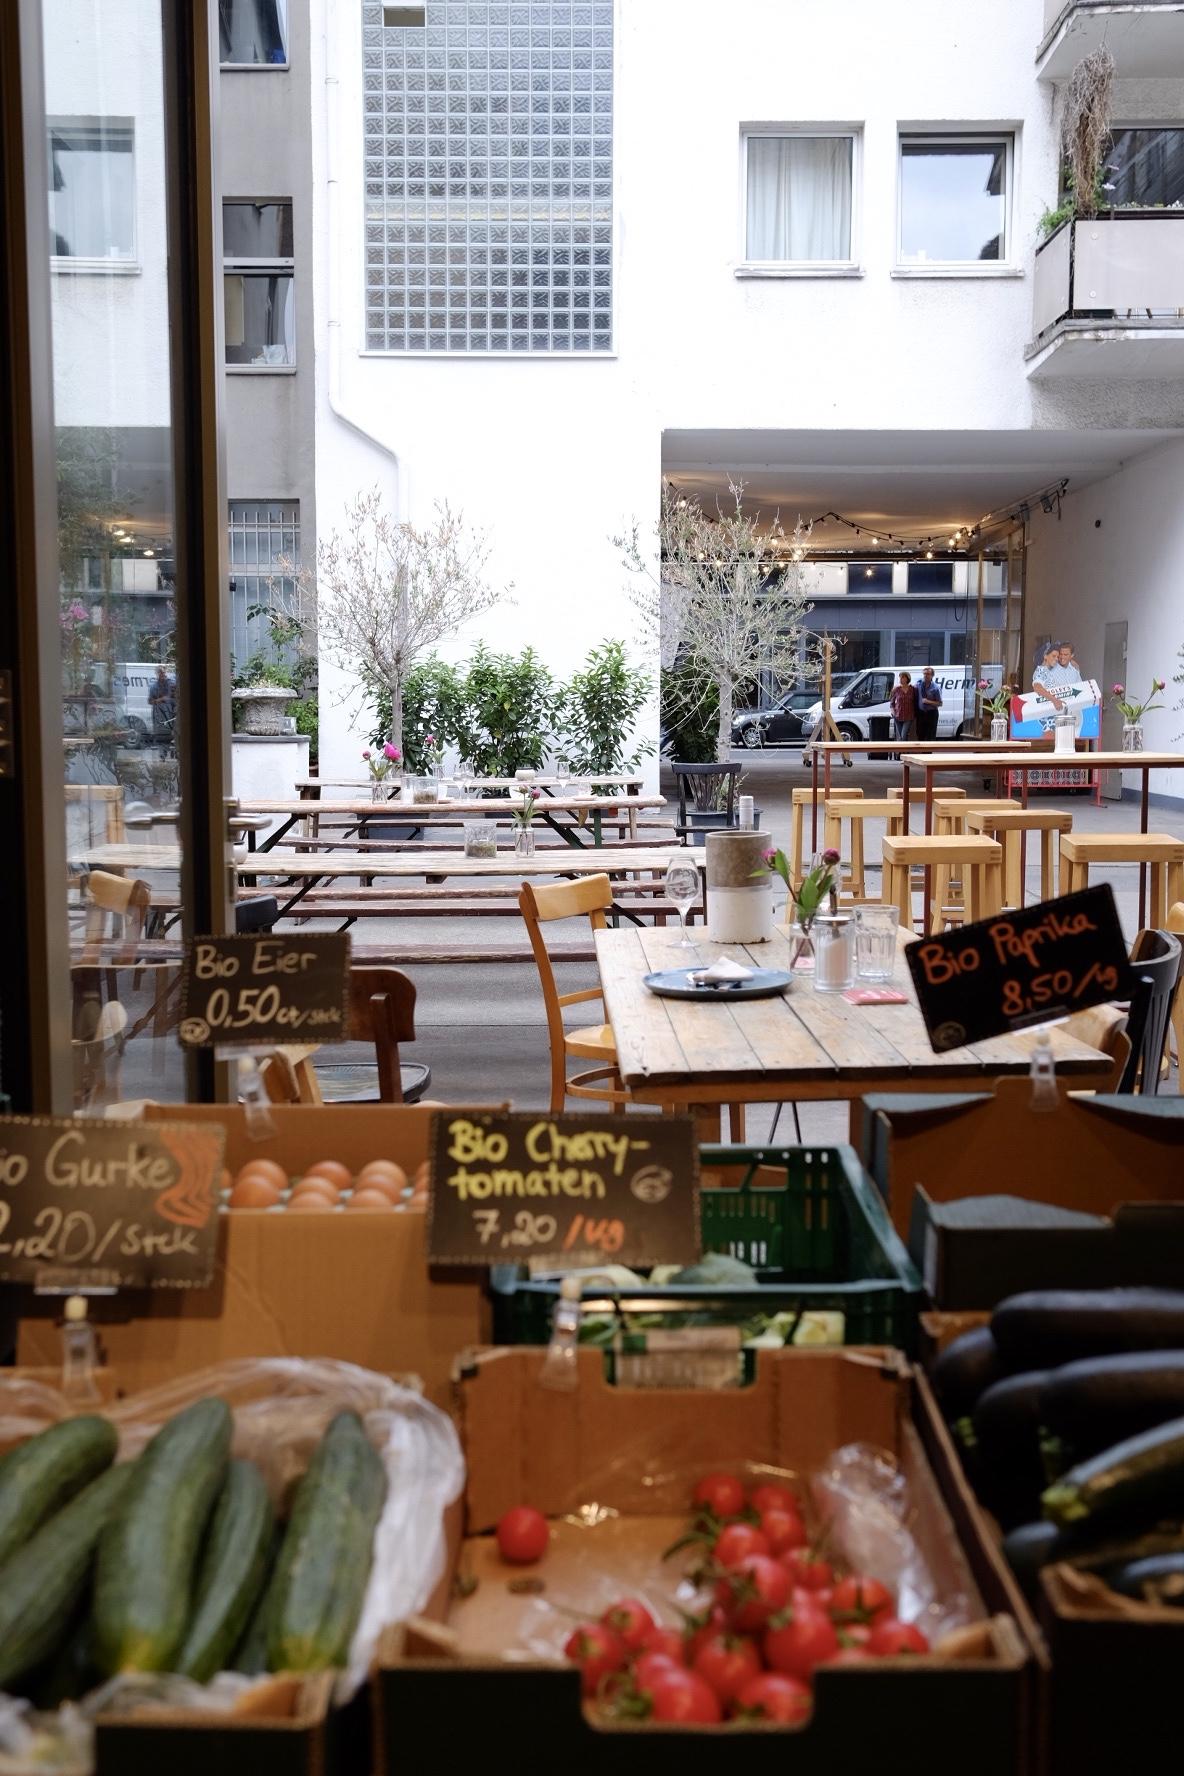 we_are_city_koeln_hyperlokal_david_heyer_fotografie_marx_und_camboni_markthalle_belgisches_viertel_brüsseler_platz14.jpg